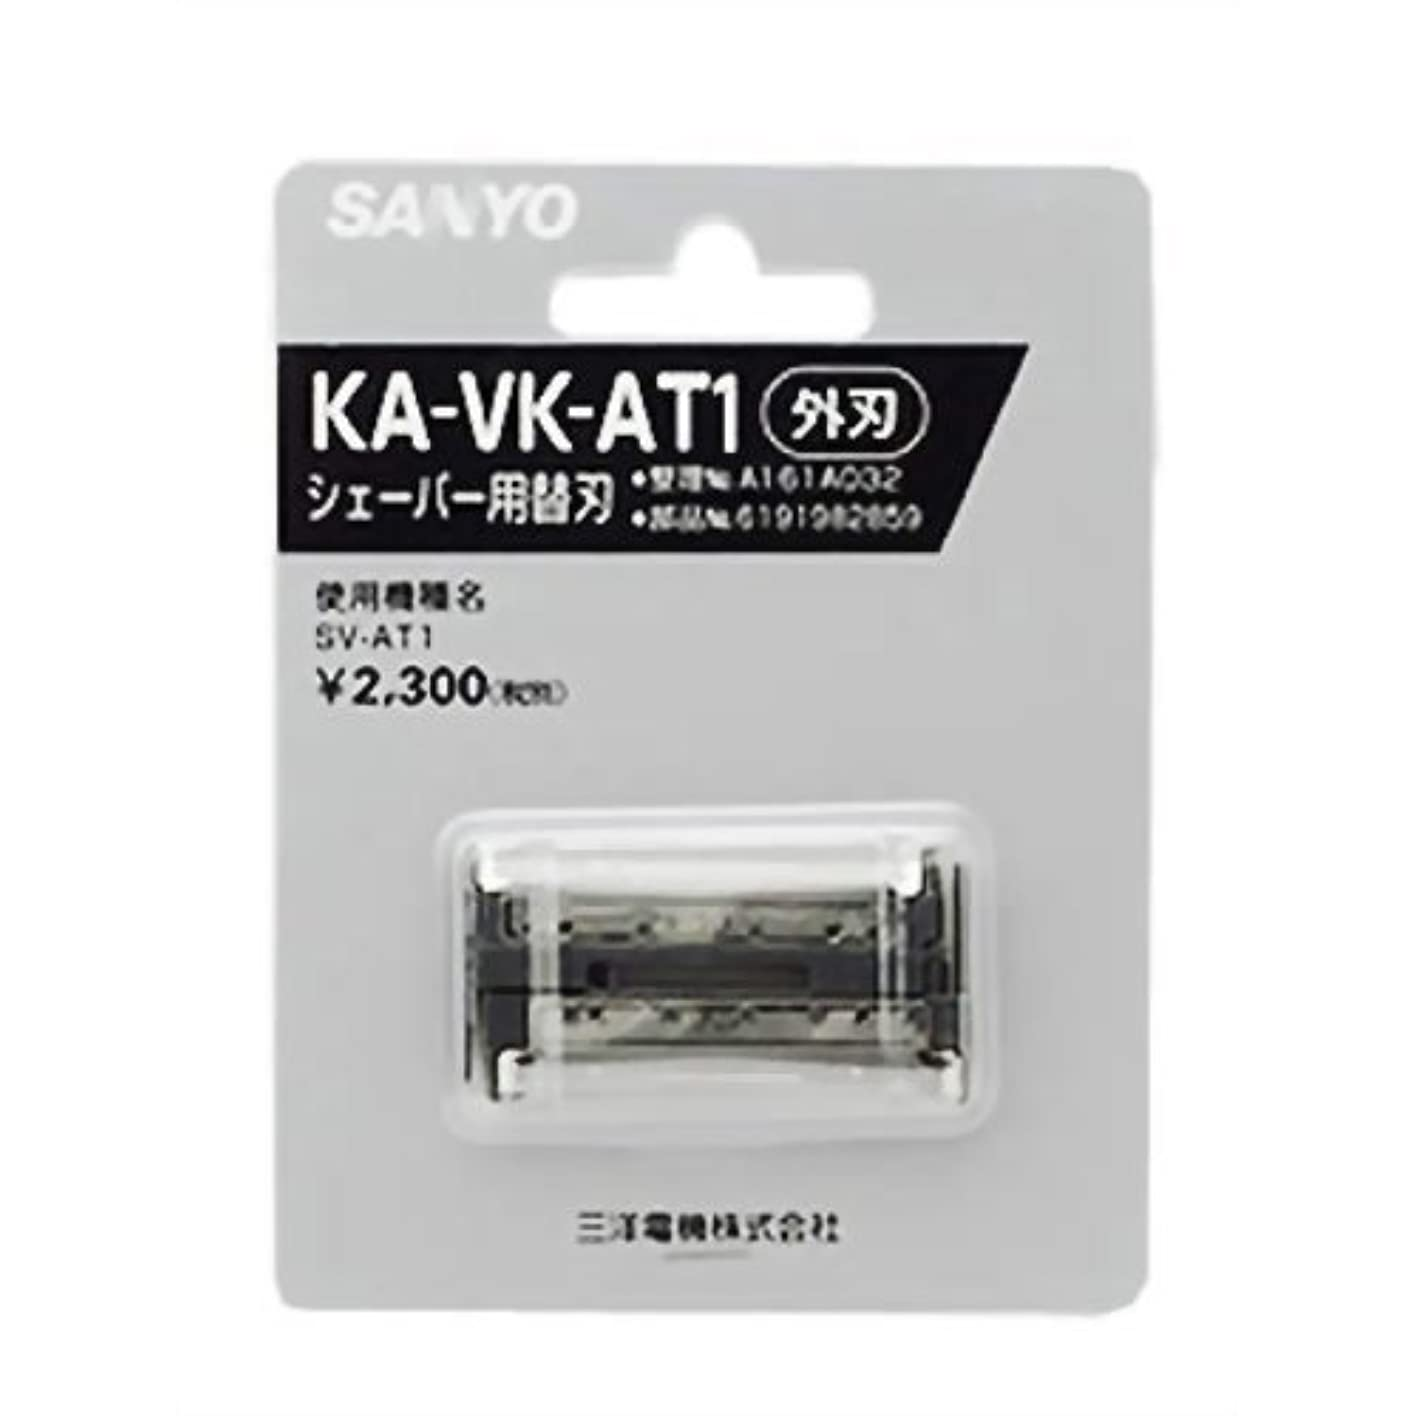 カテゴリー部主張するSANYO メンズシェーバー替刃(外刃) KA-VK-AT1